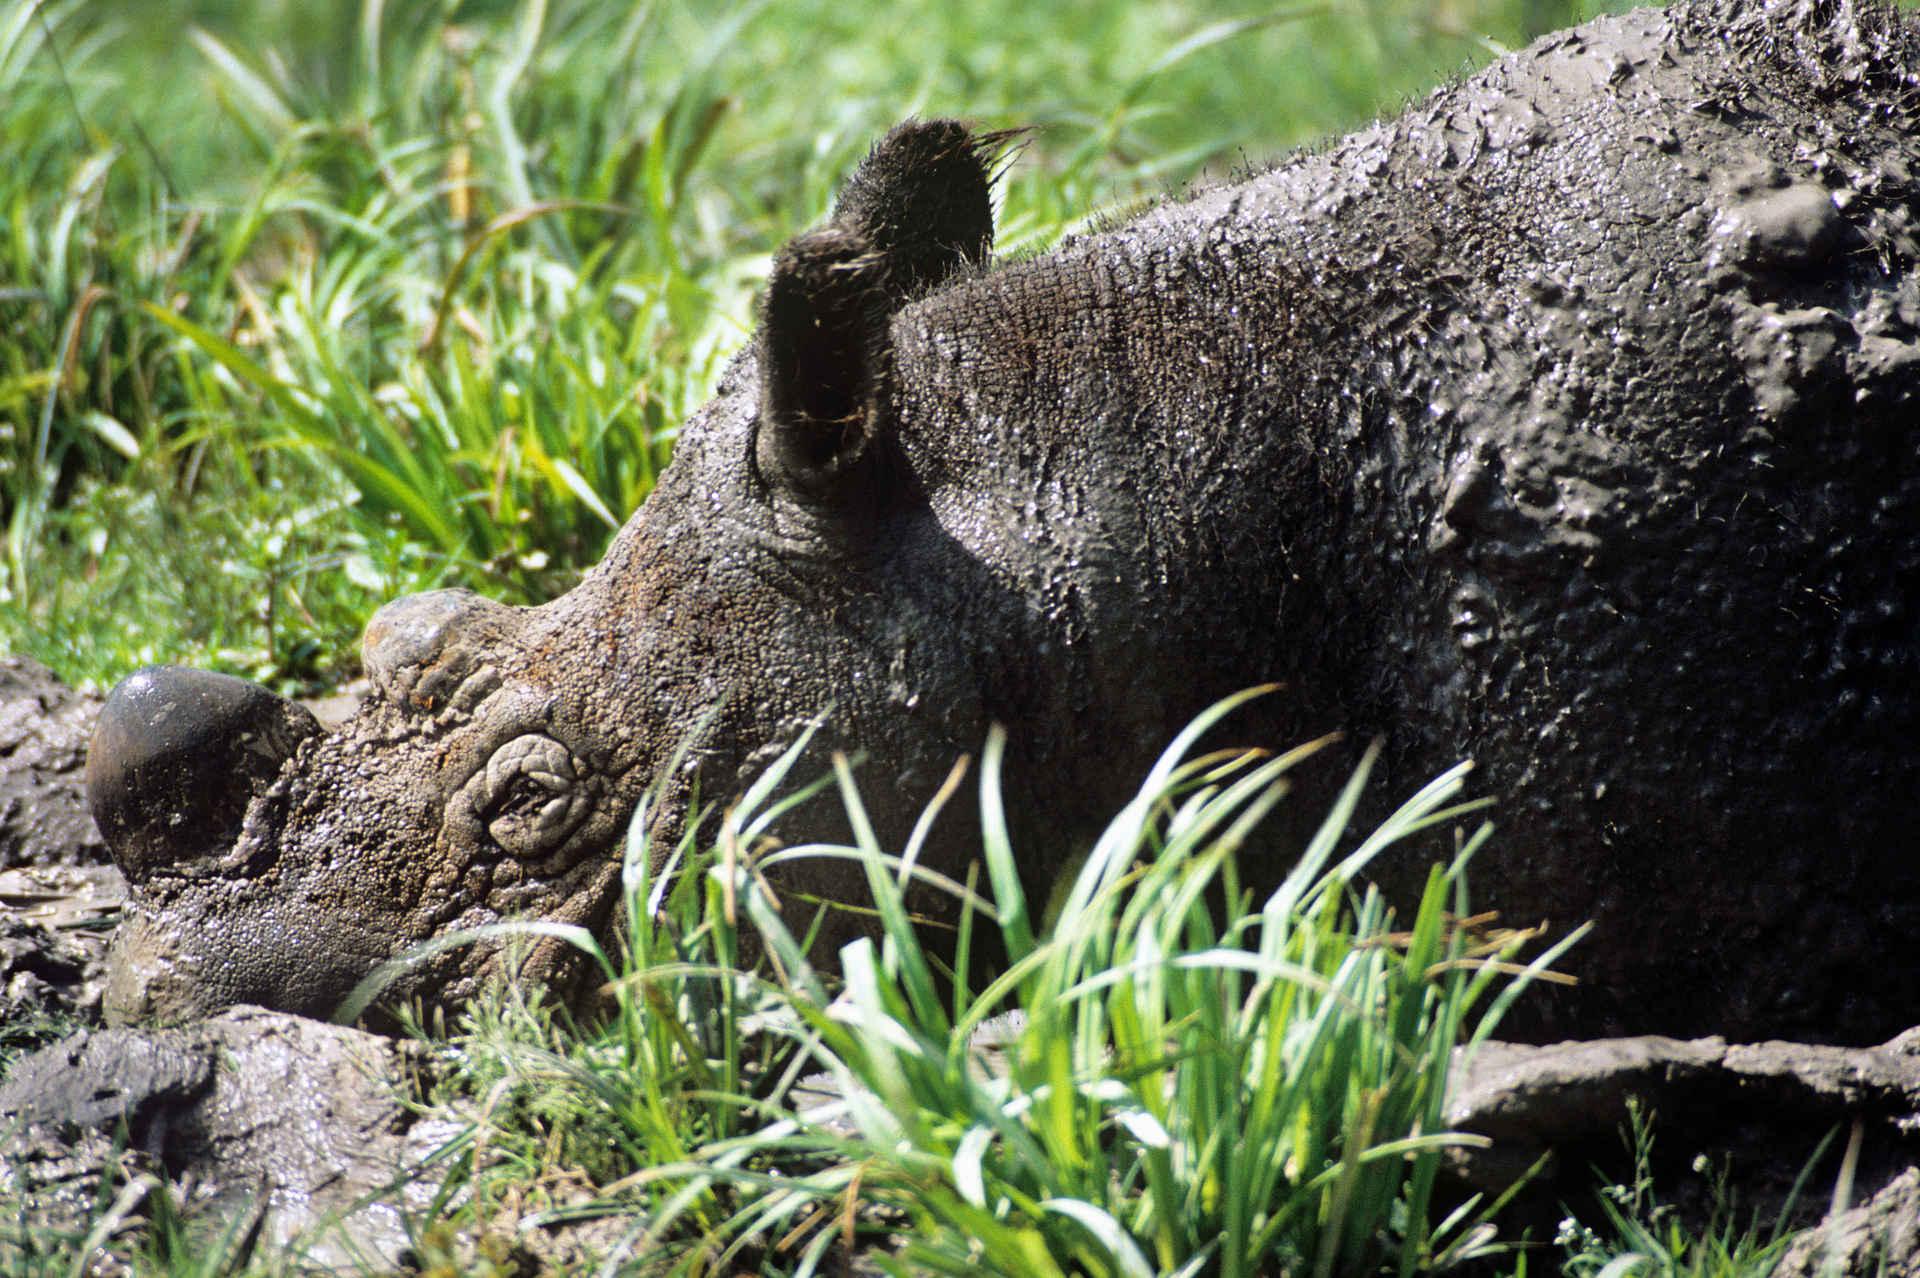 Sumatra Nashorn in Schlammkuhle